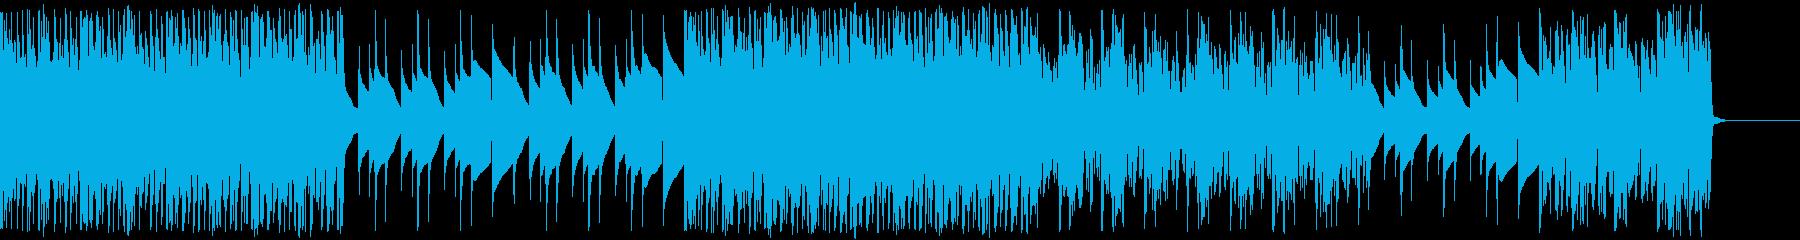 緊張・恐怖のイメージのエレクトロニカの再生済みの波形